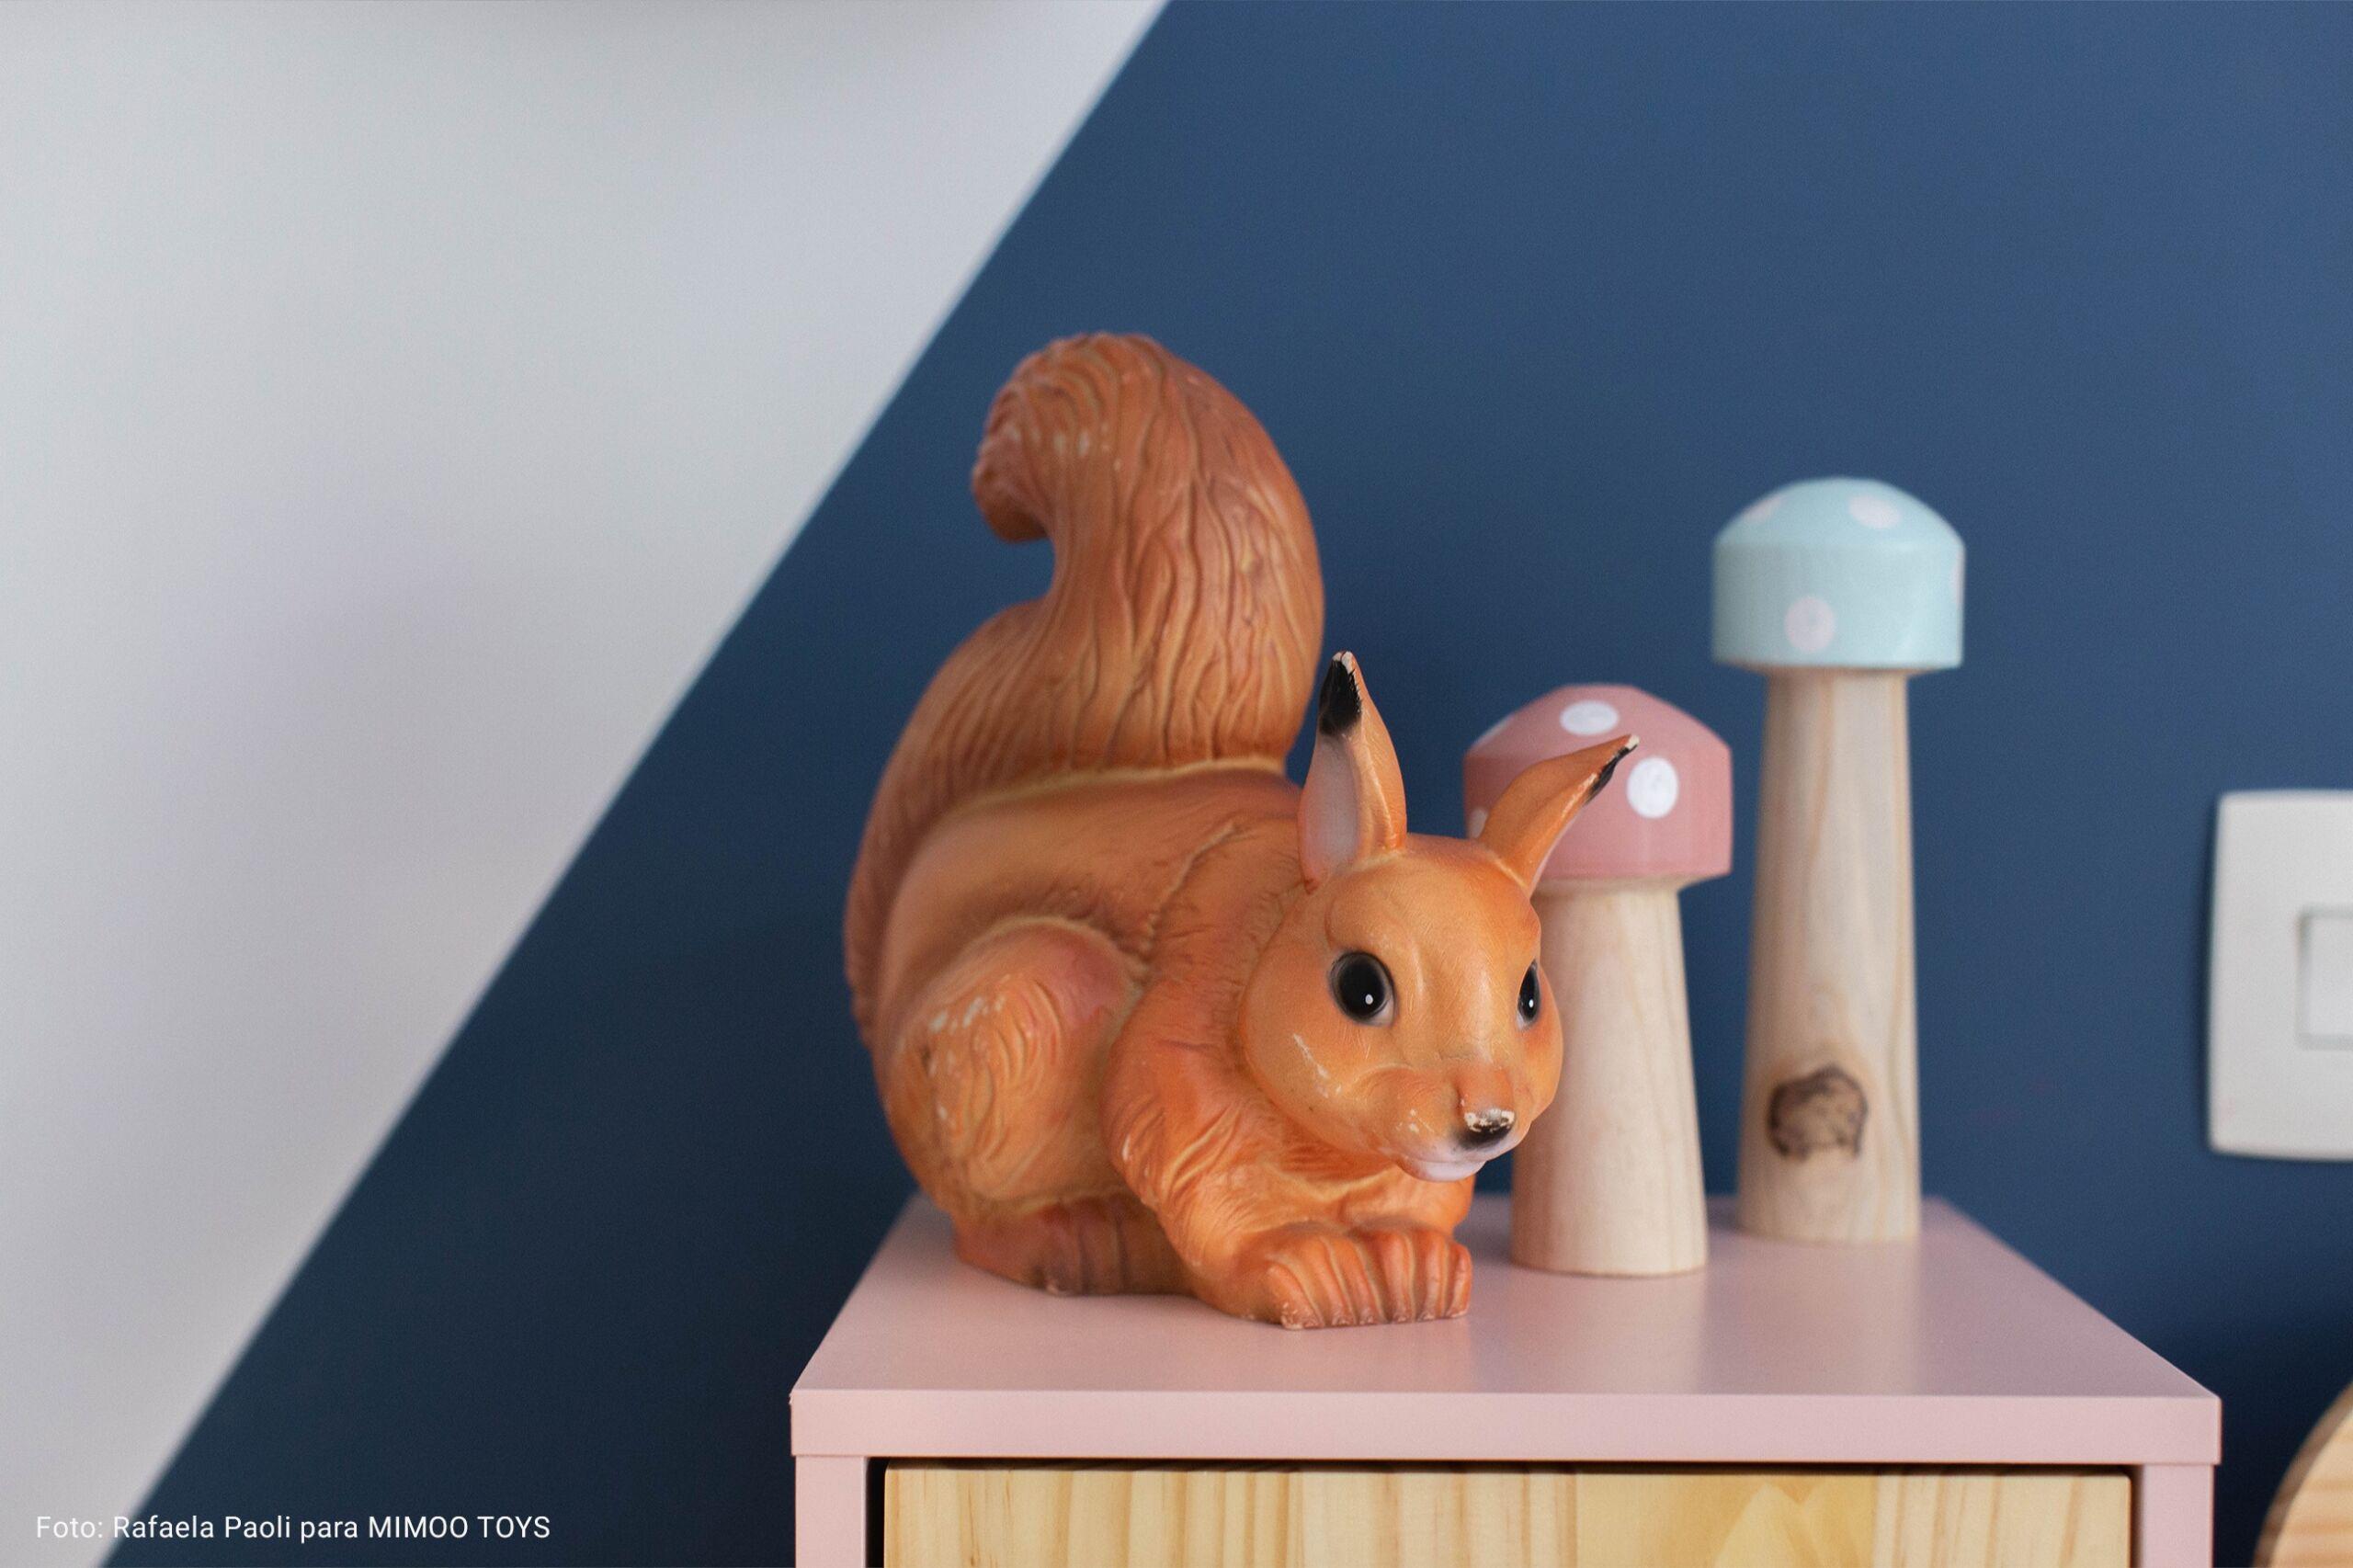 detalhe quarto infantil com escultura